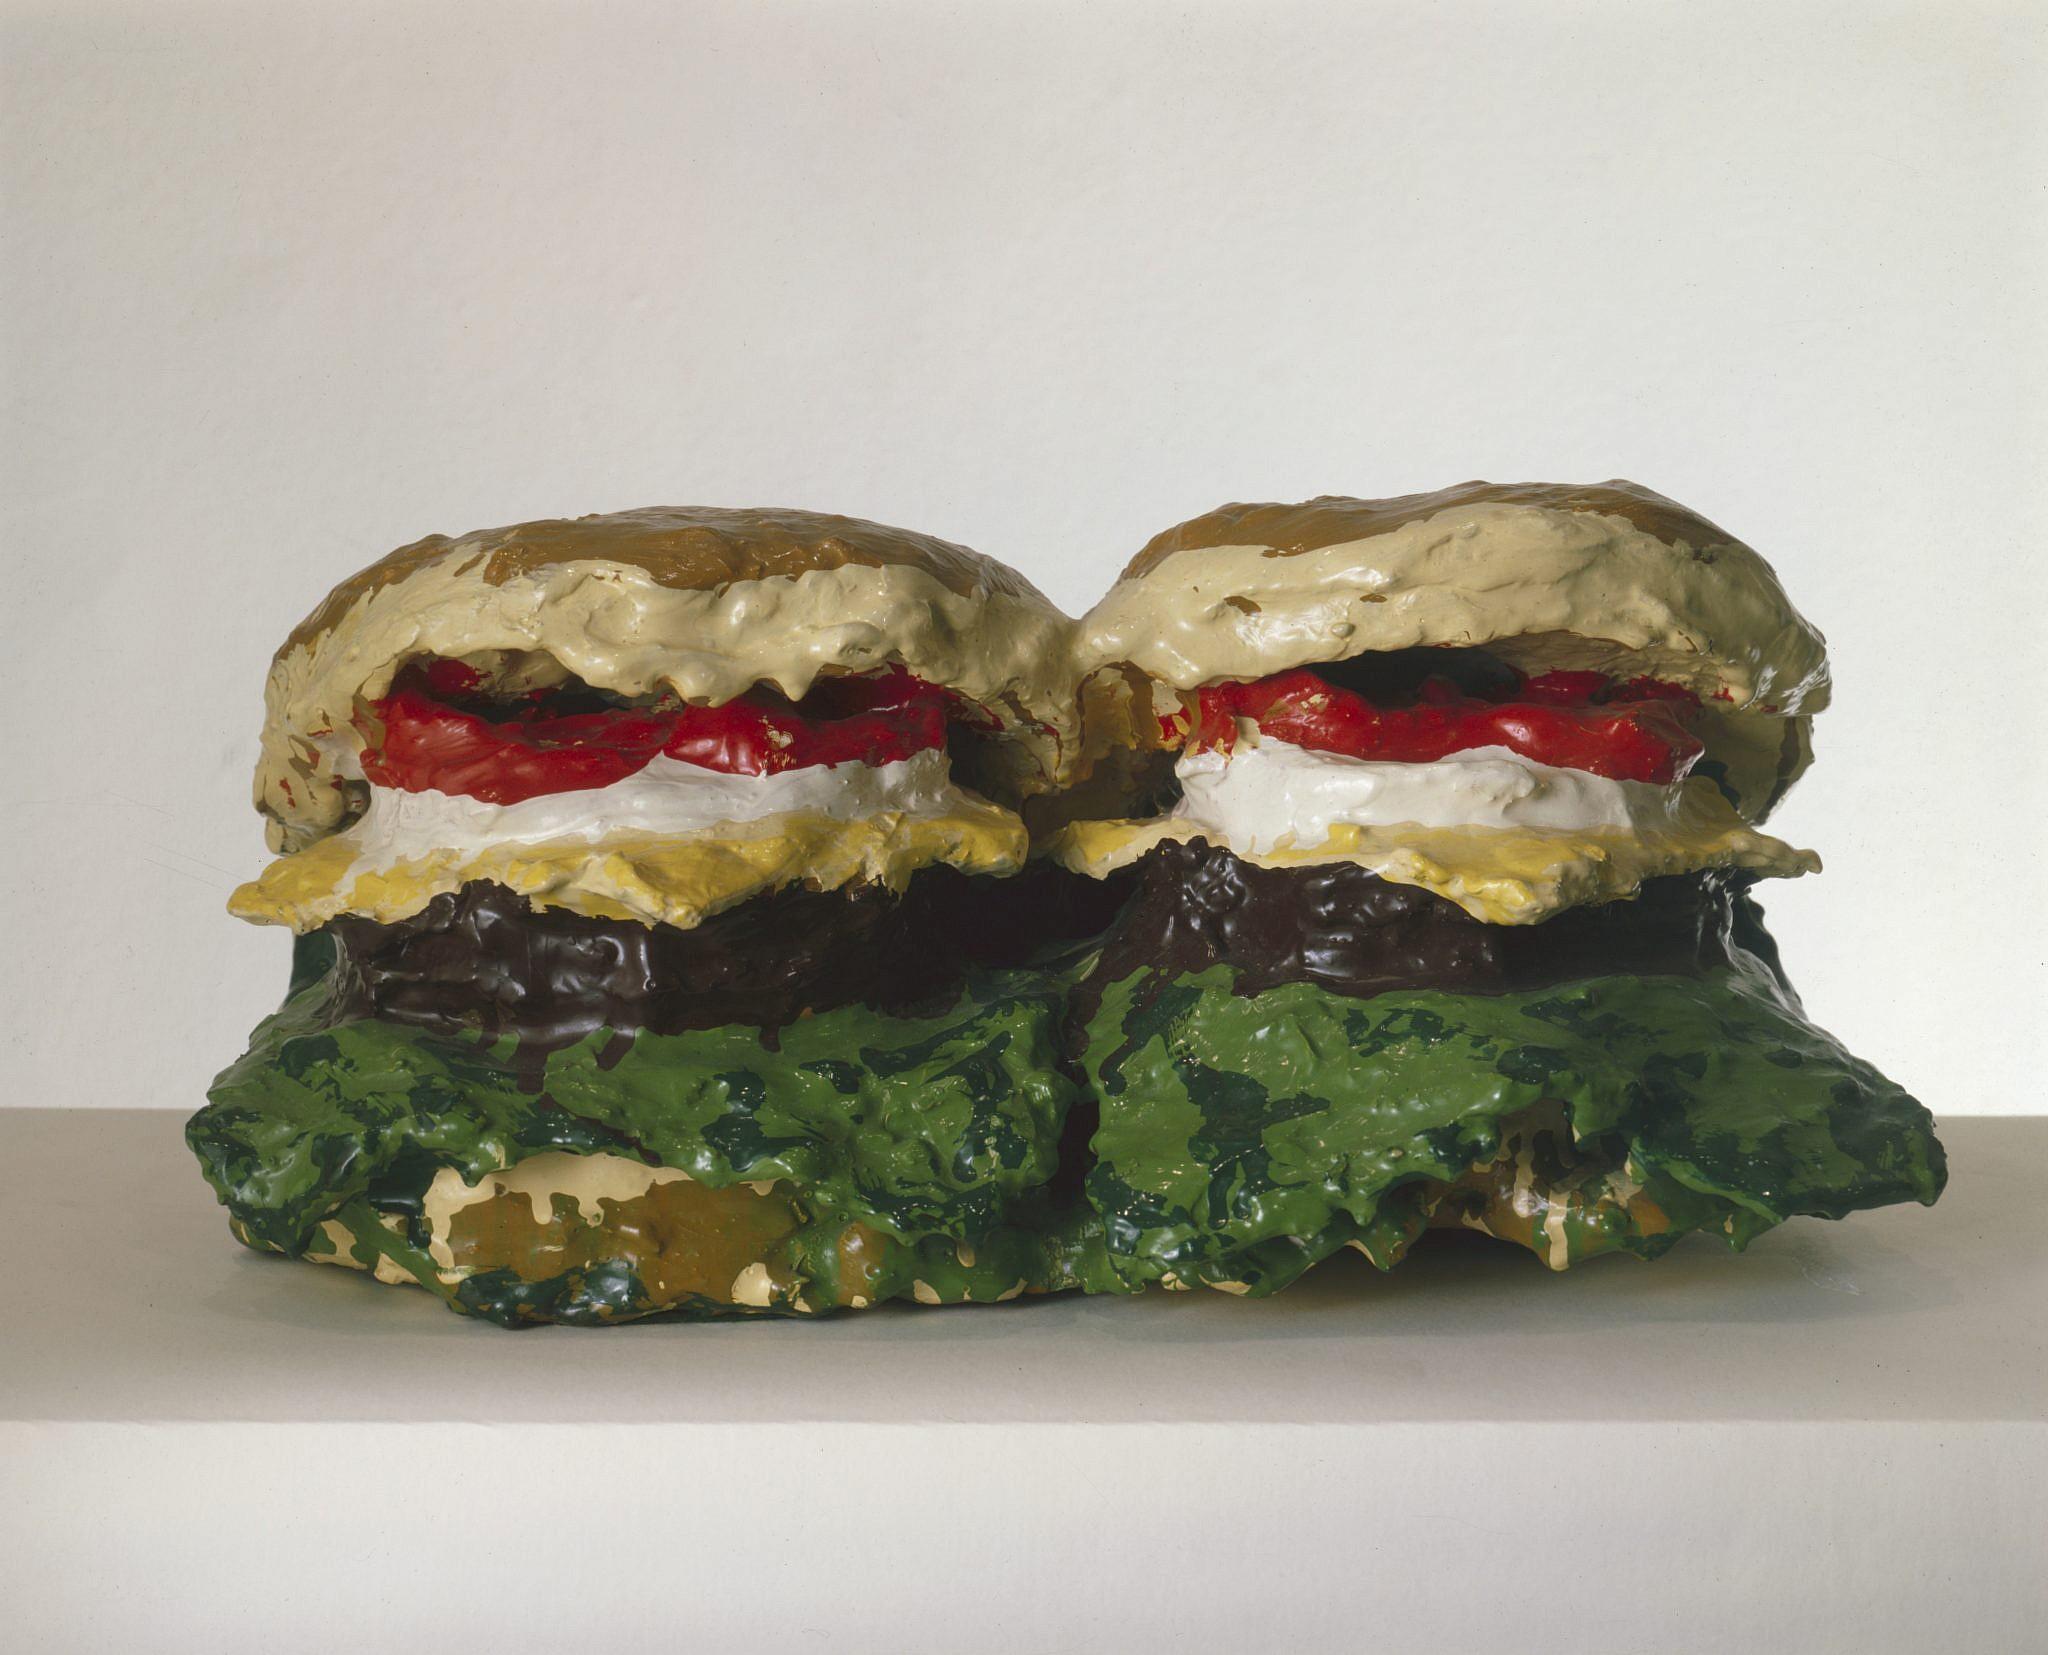 """""""שני צ'יזבורגרים עם כל התוספות"""" של קלאוס אולדנברג (צילום: Getty Images)"""